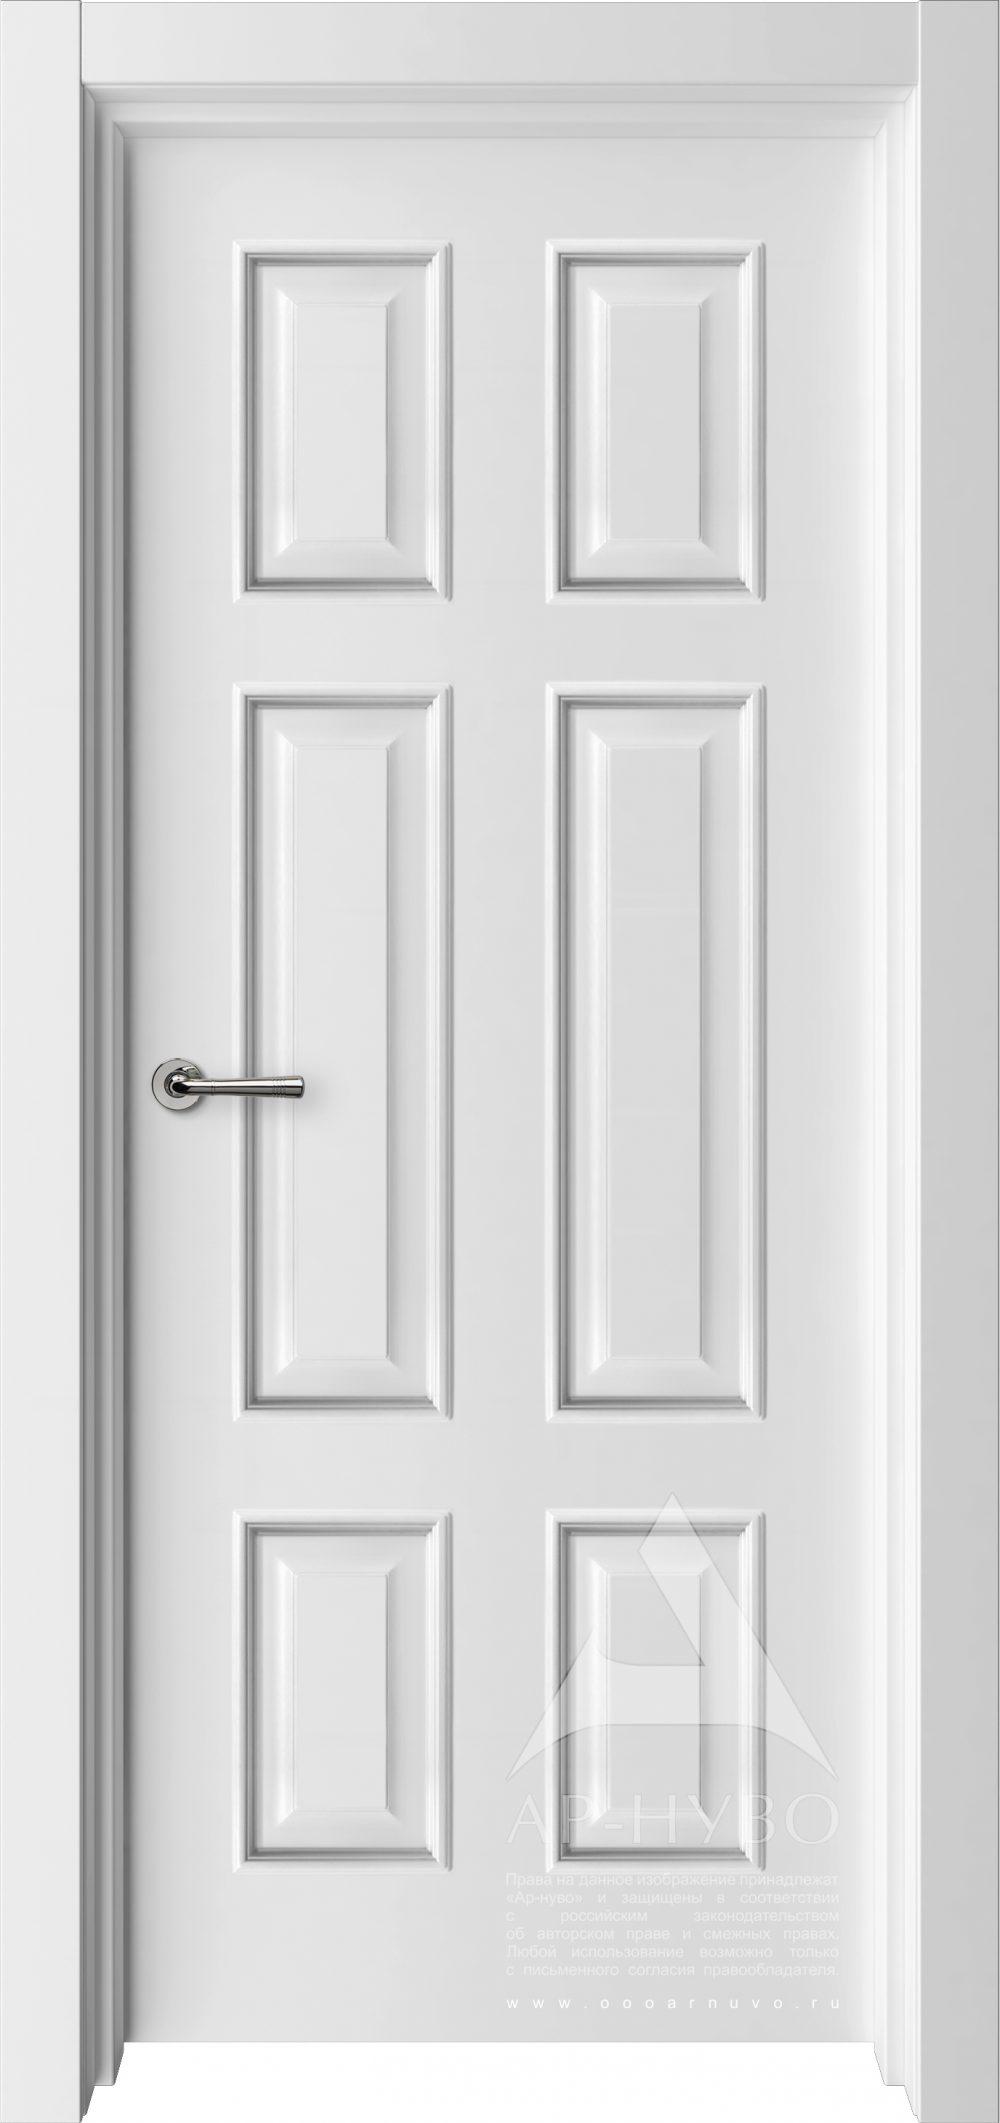 белая дверь с багетом 6 филенок